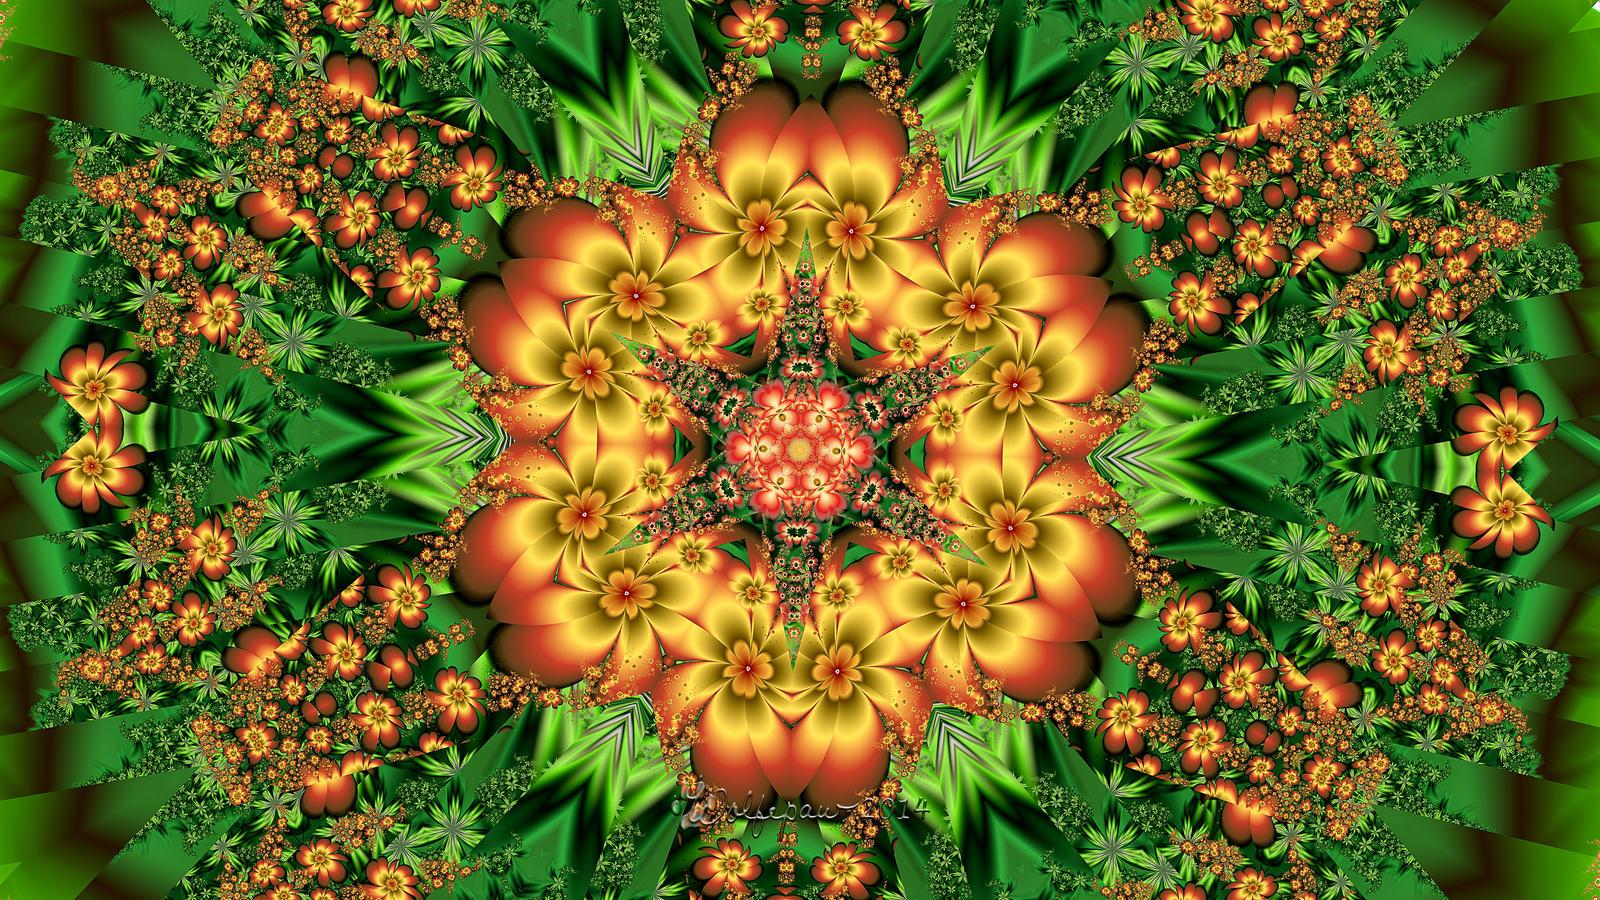 Floral Kaleidoscope by wolfepaw